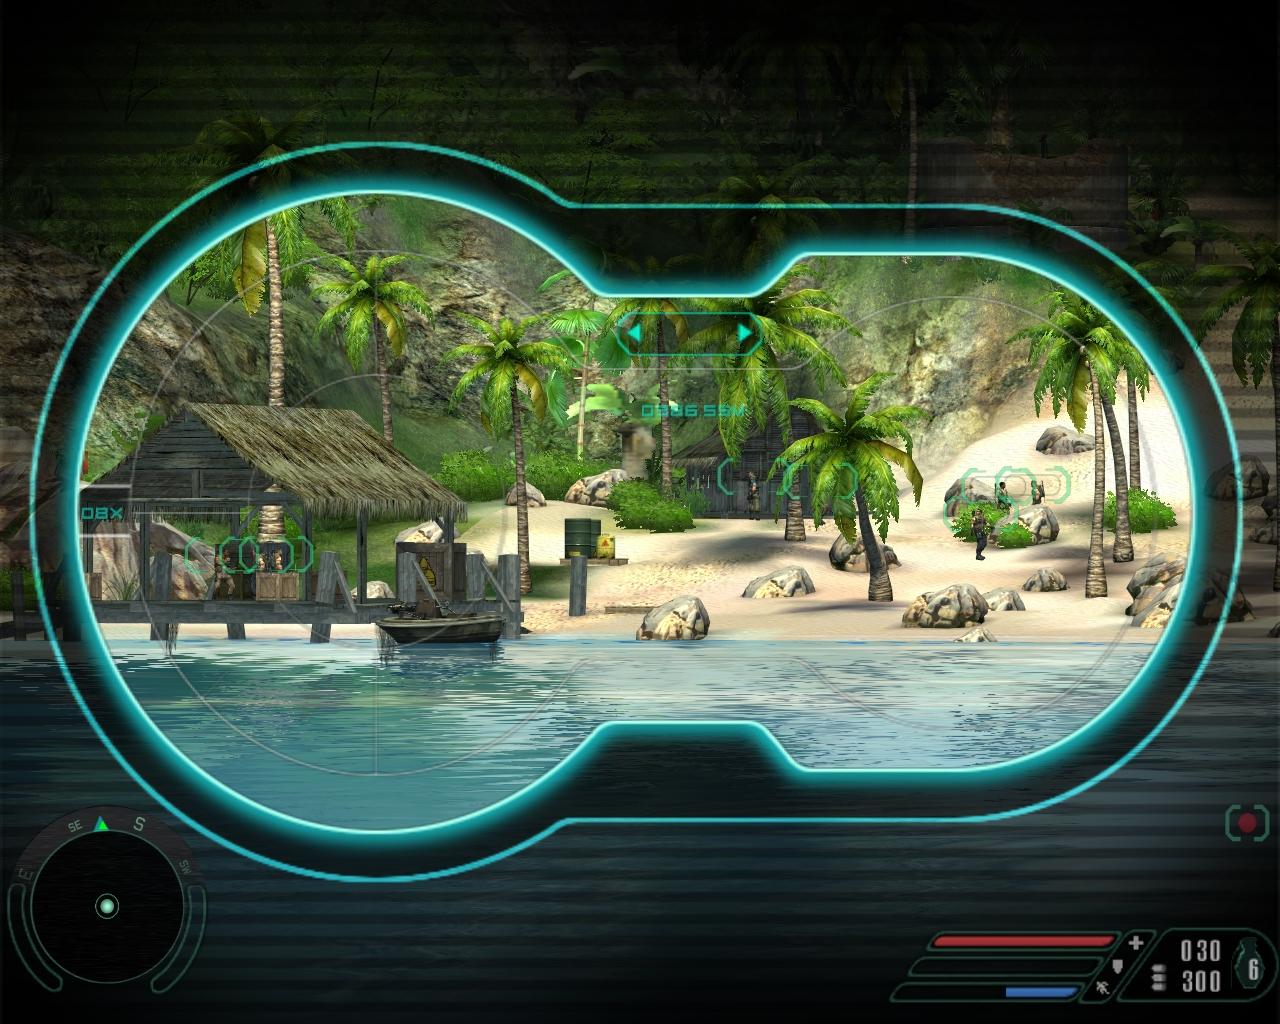 FarCry0073.jpg -